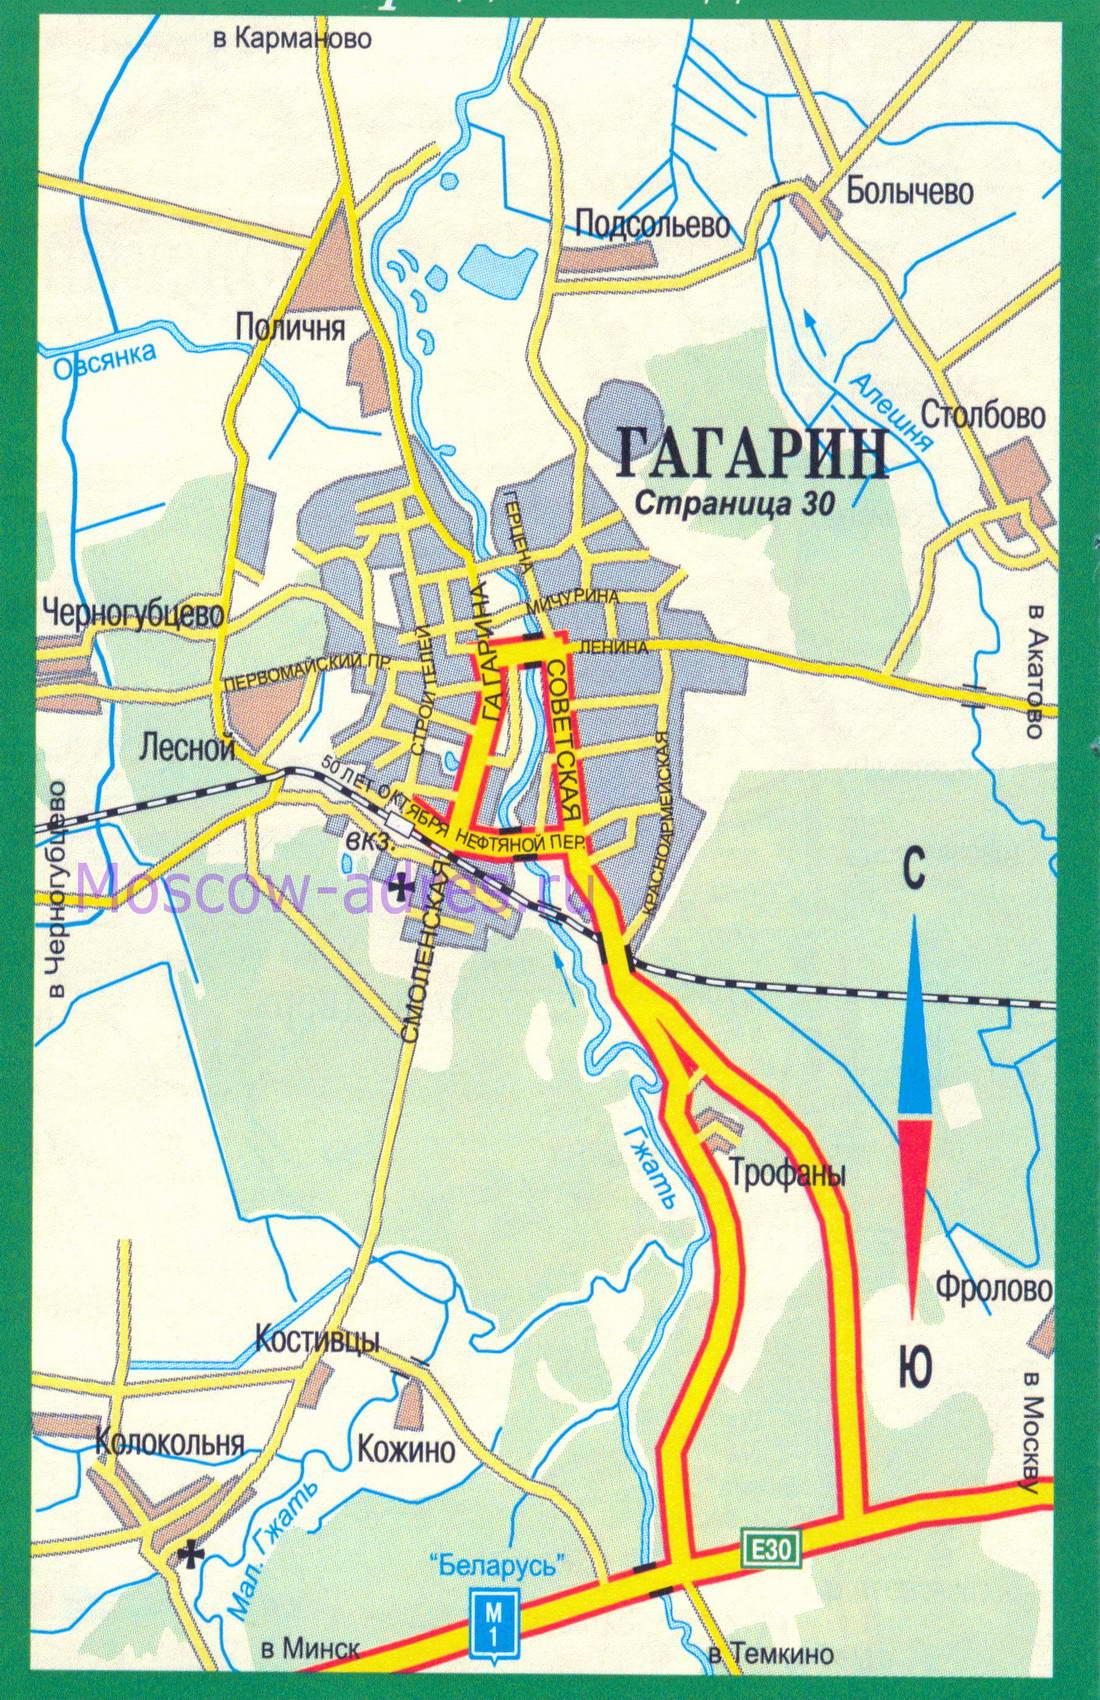 Автомобильная карта-схема г.Гагарин Смоленской области.